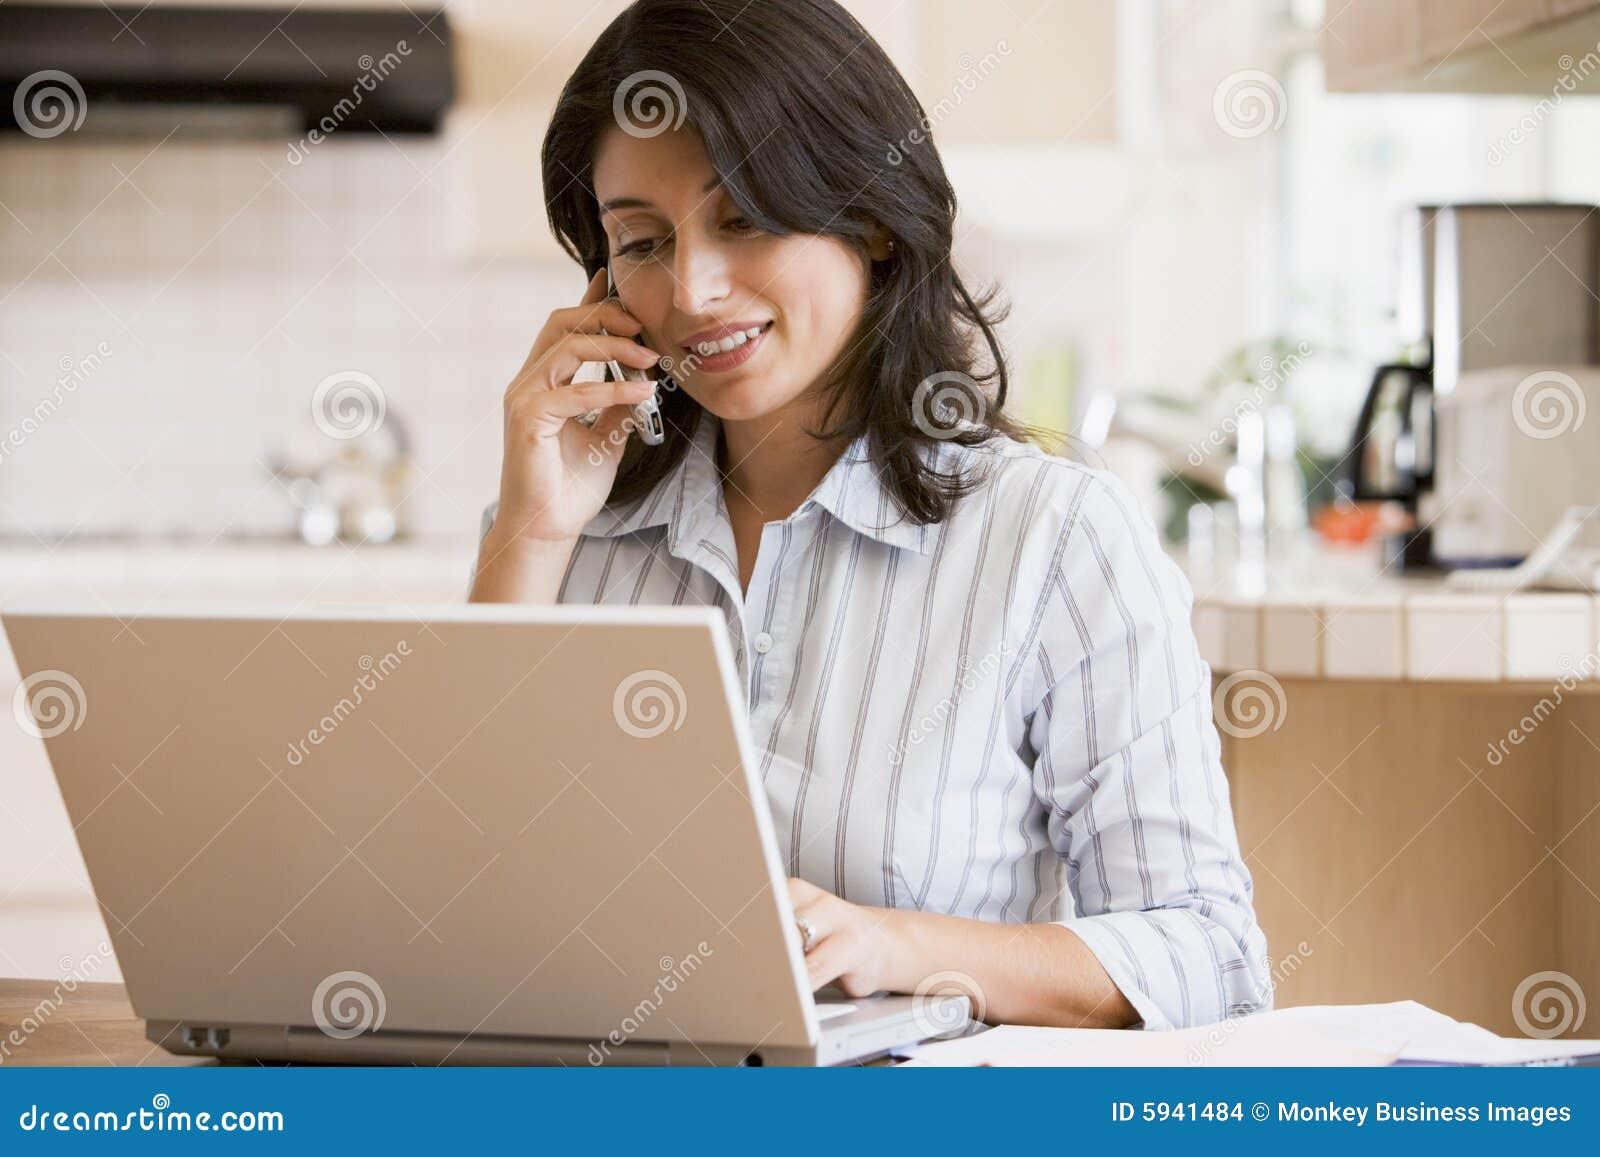 Mulher na cozinha com portátil usando o telemóvel